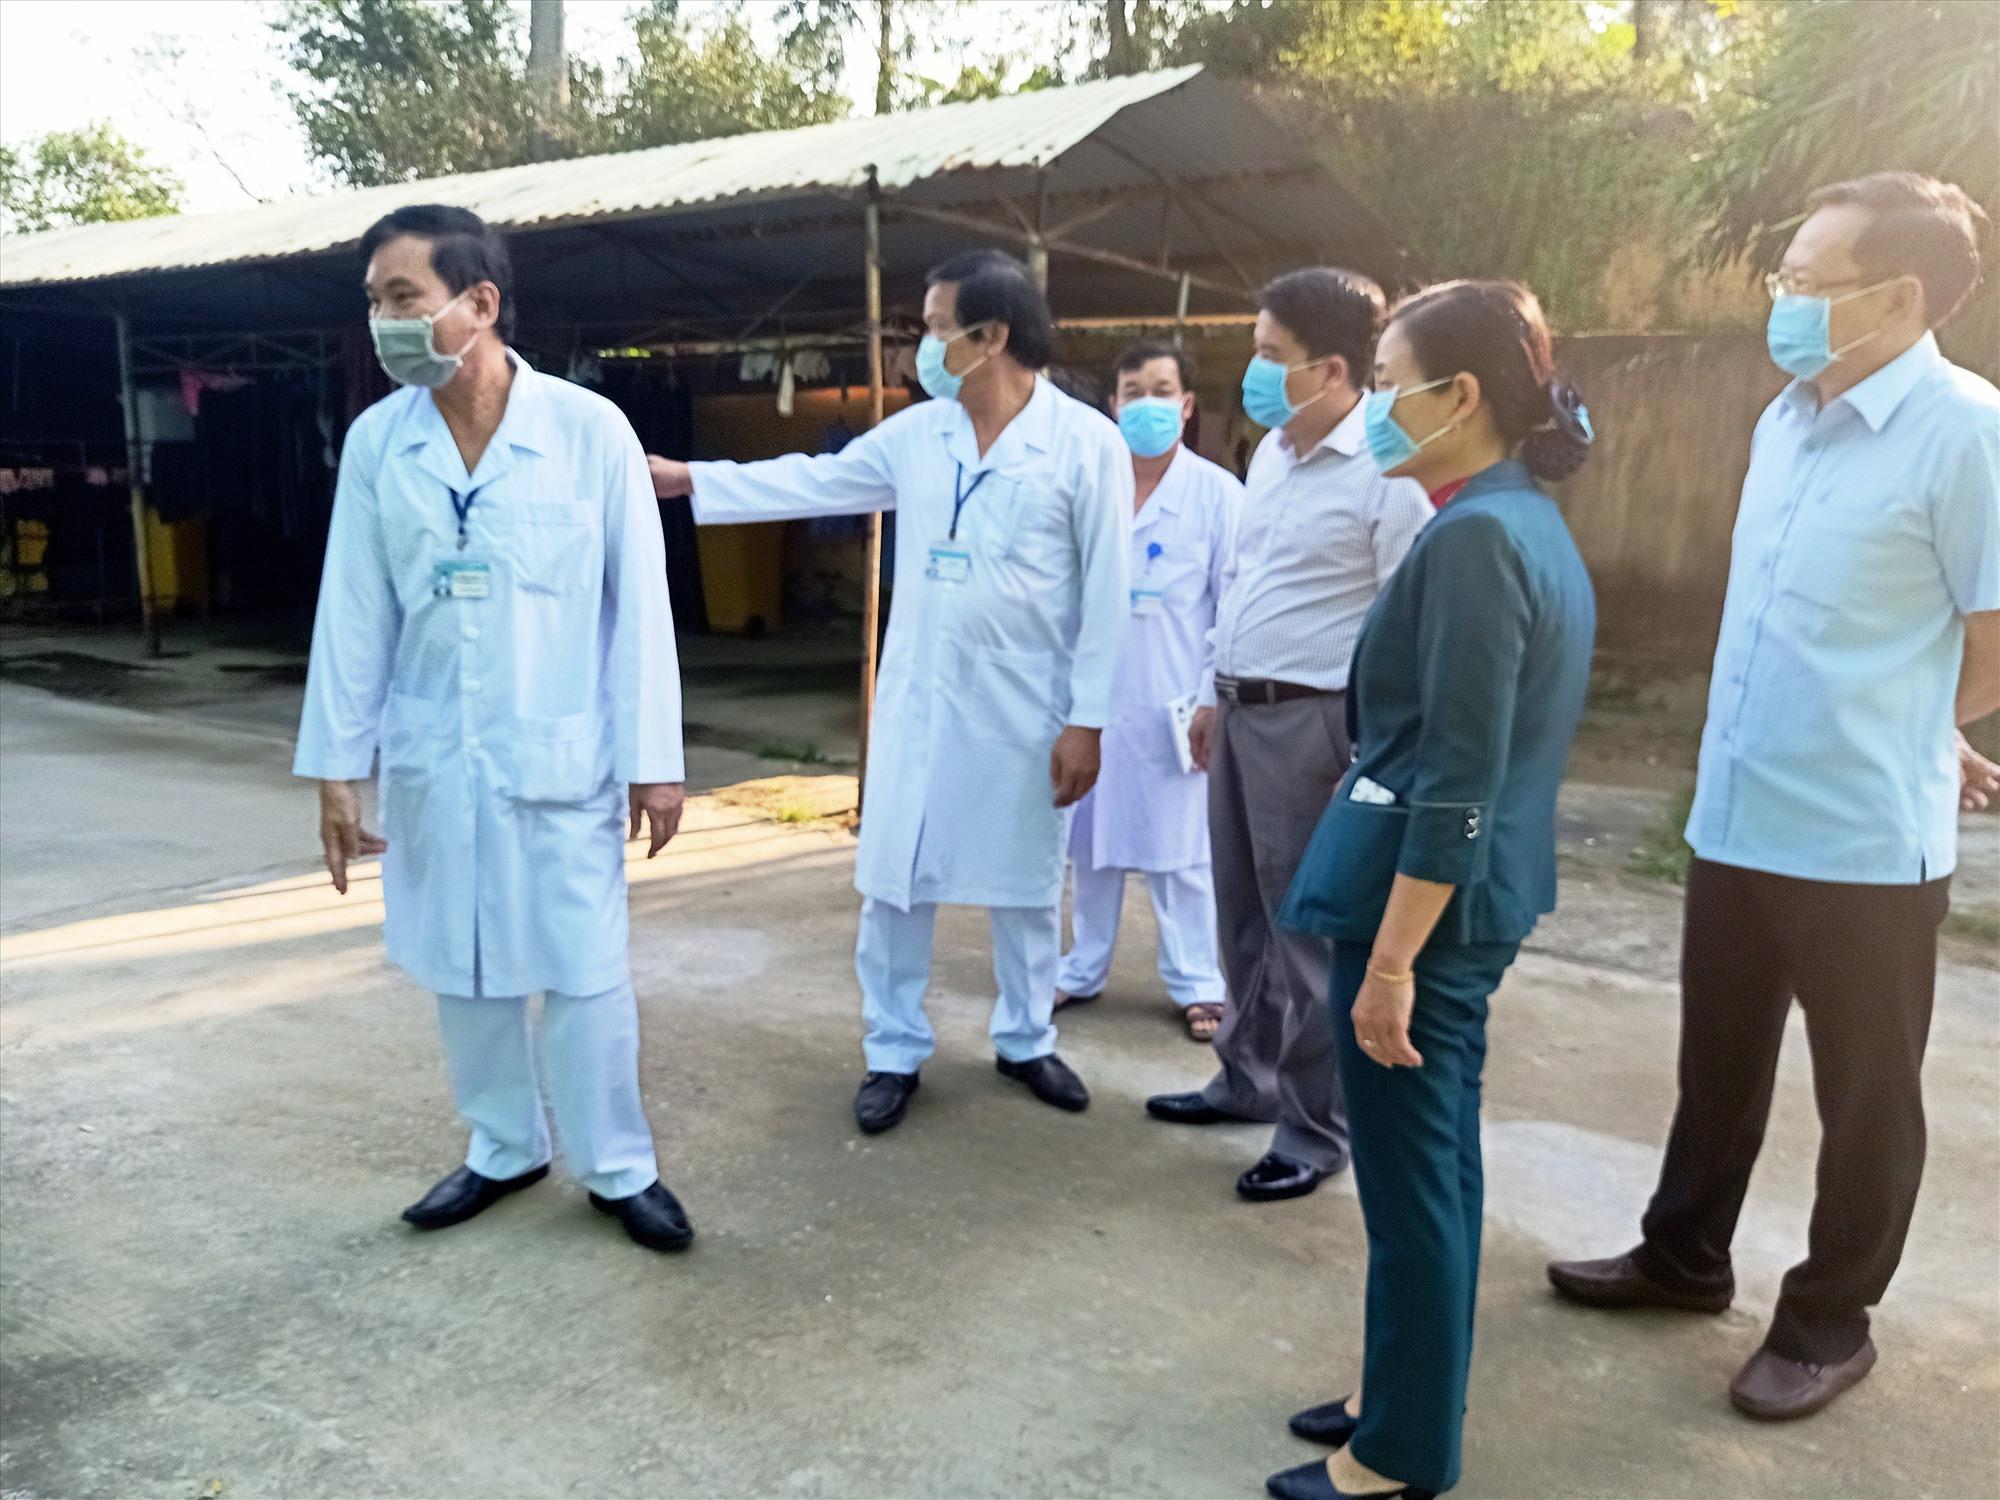 Phó Chủ tịch UBND tỉnh Trần Văn Tân kiểm tra công tác phòng chống dịch tại bệnh viện. Ảnh: HOÀNG LIÊN